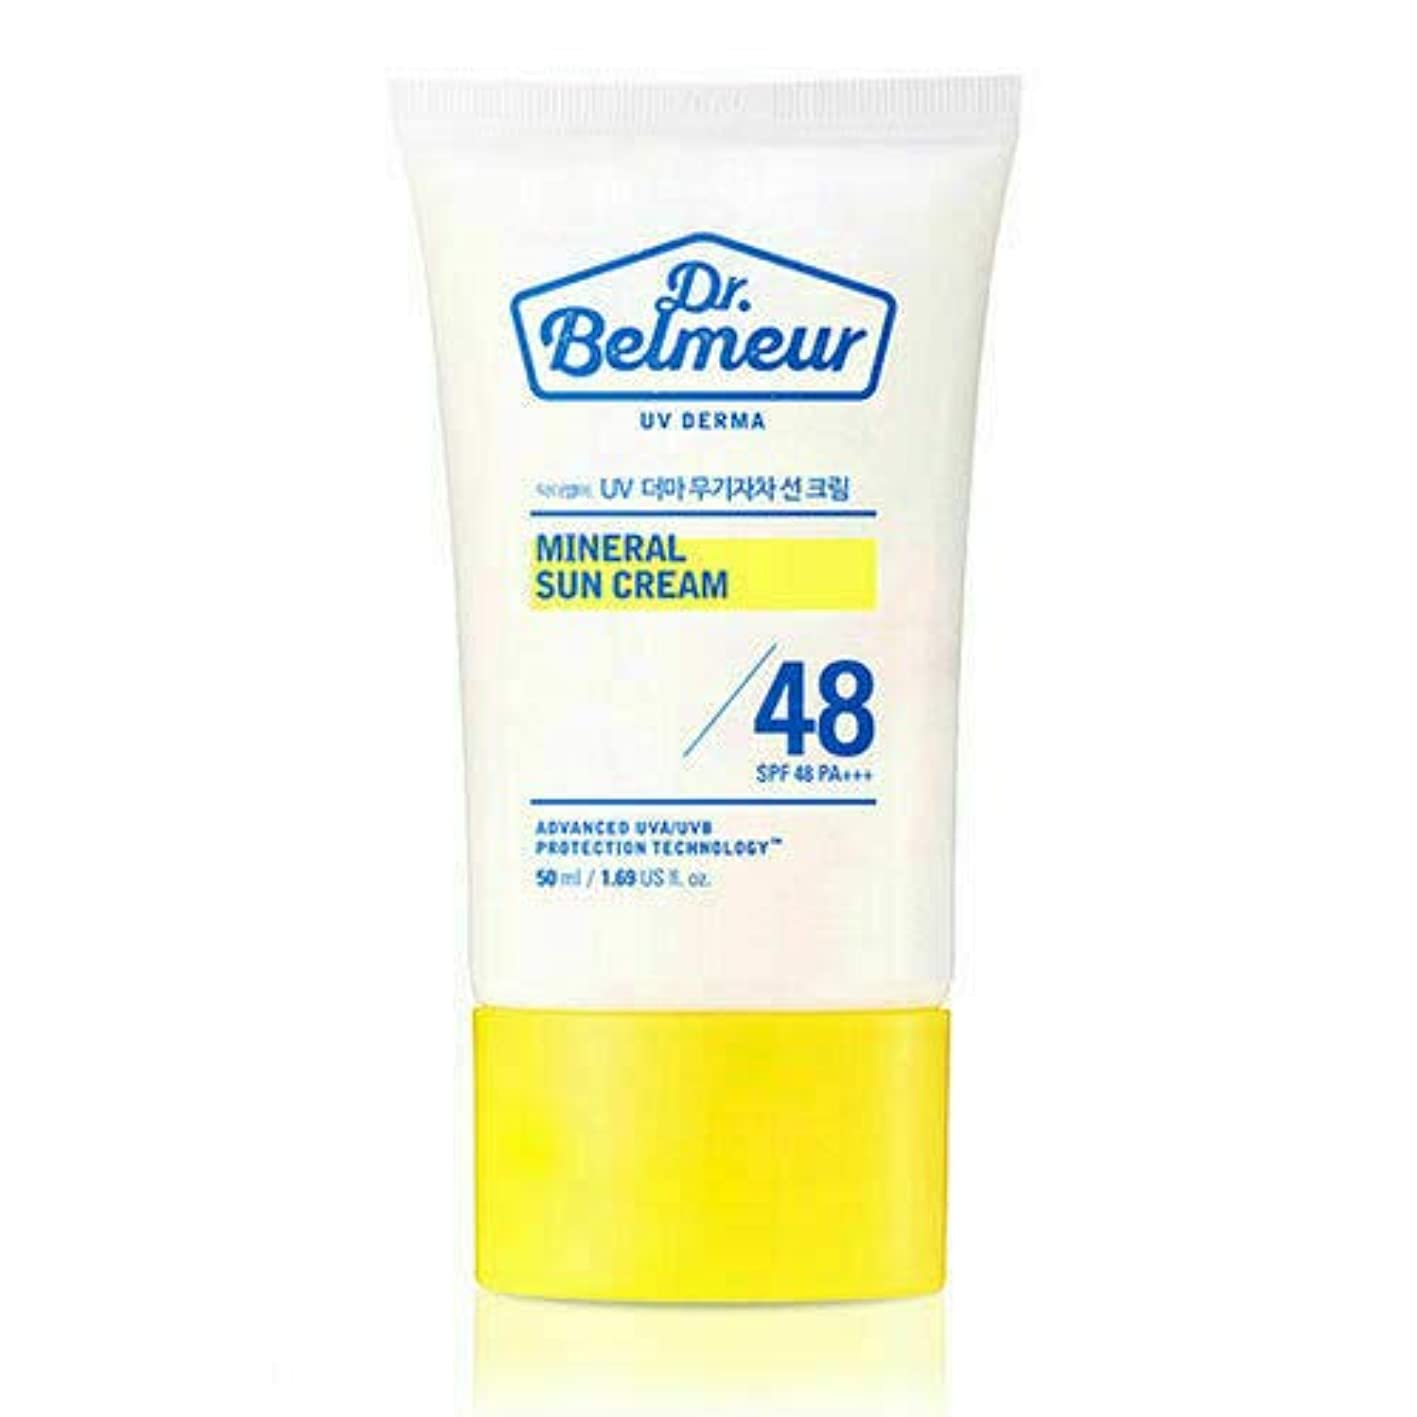 ファン黒描写[ザ?フェイスショップ] THE FACE SHOP [ドクターベルモ UVデルマ ミネラル サンクリーム 50ml] (Dr. Belmeur UV Derma Mineral Sun Cream SPF48 PA+++ 50ml) [海外直送品]